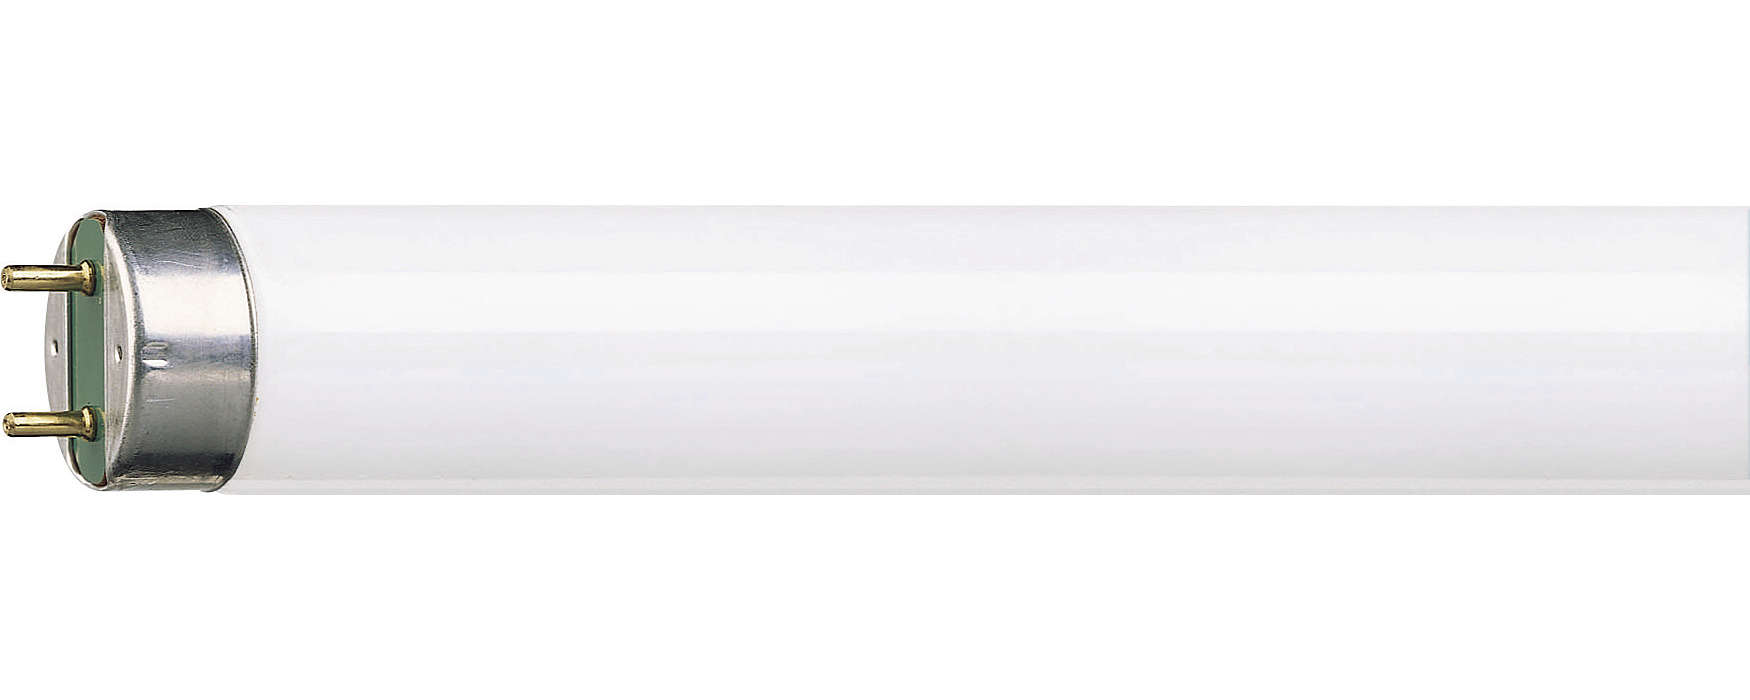 可靠的功能性照明